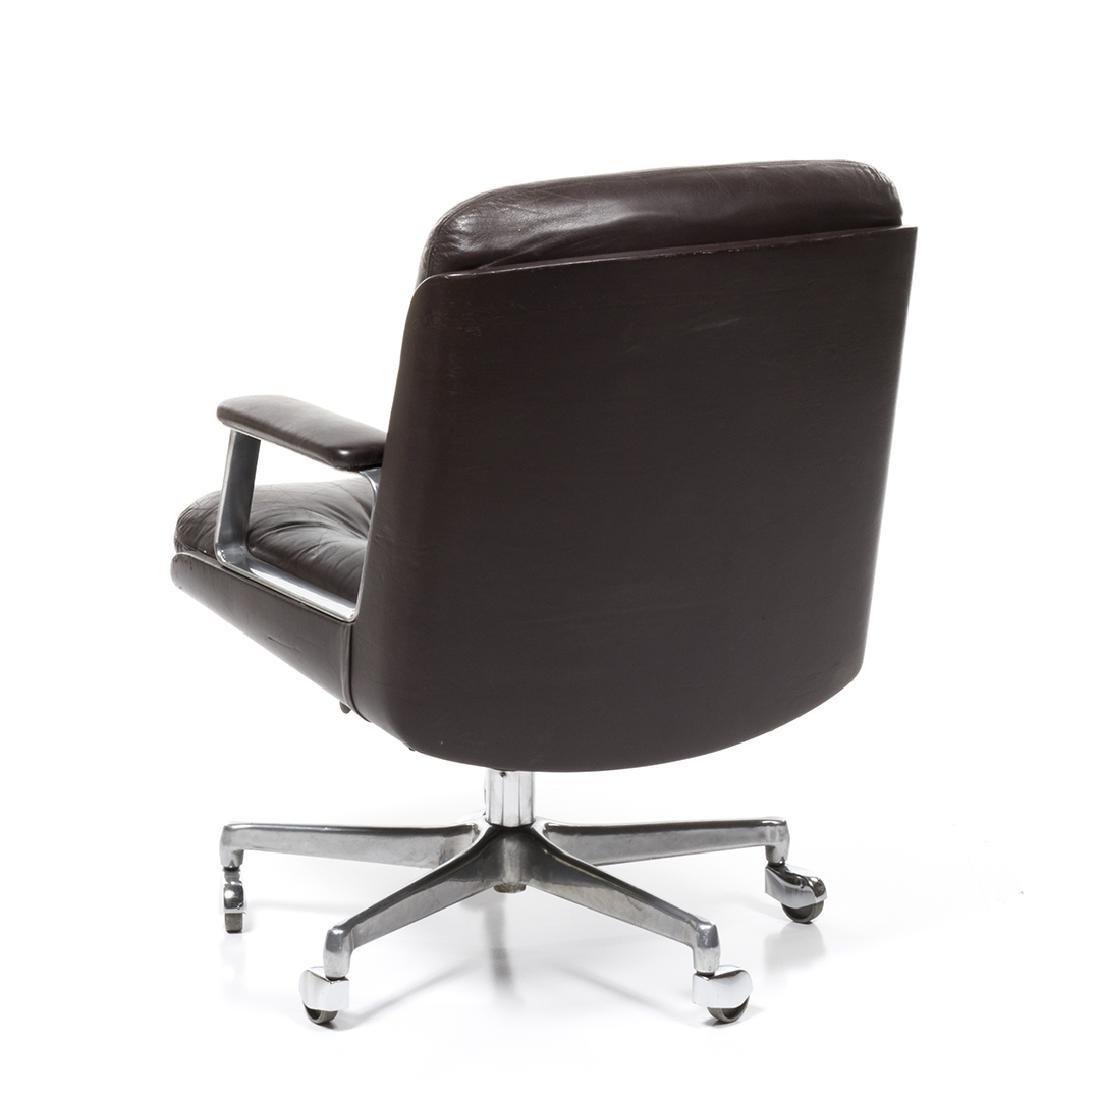 Osvaldo Borsani Desk Chair - 4